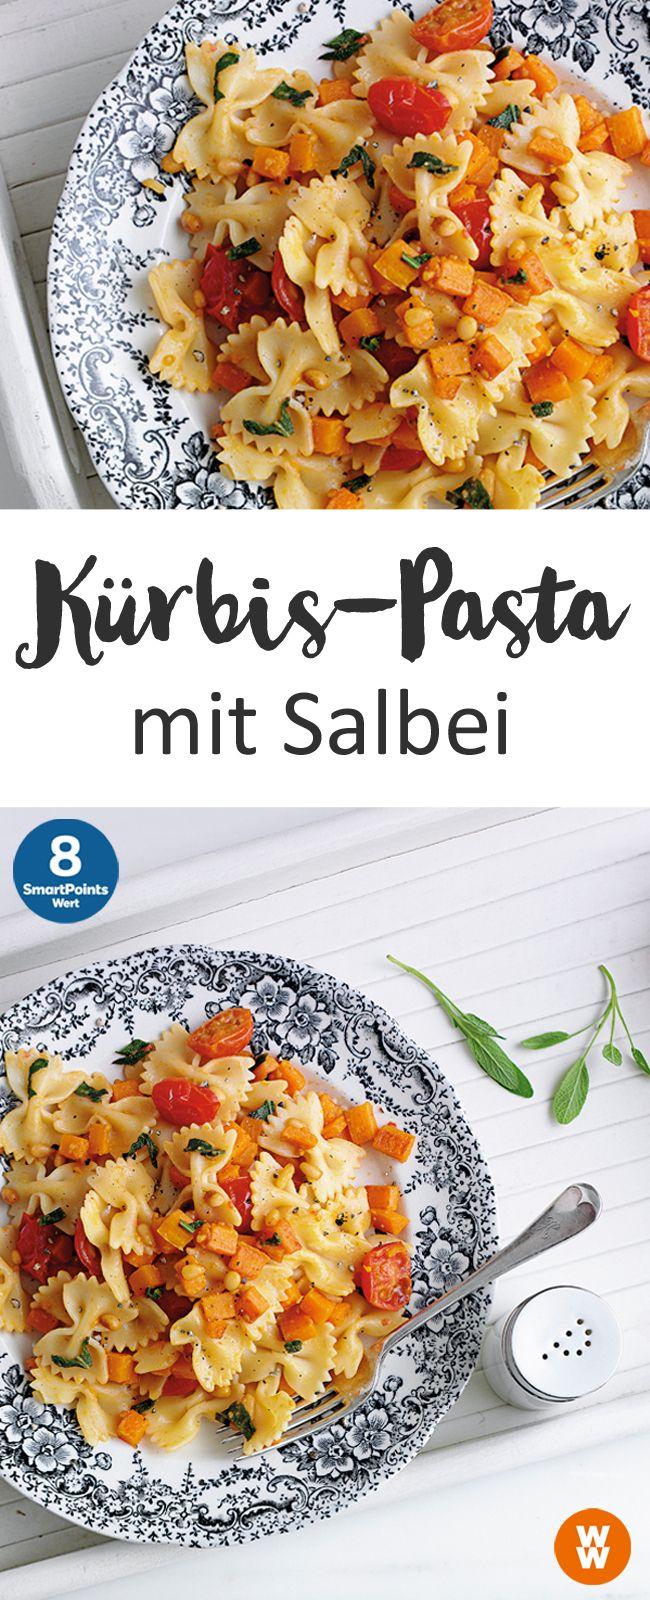 Kürbis-Pasta mit Salbei | 2 Portionen, 8 SmartPoints/Portion, Weight Watchers, fertig in 30 min.